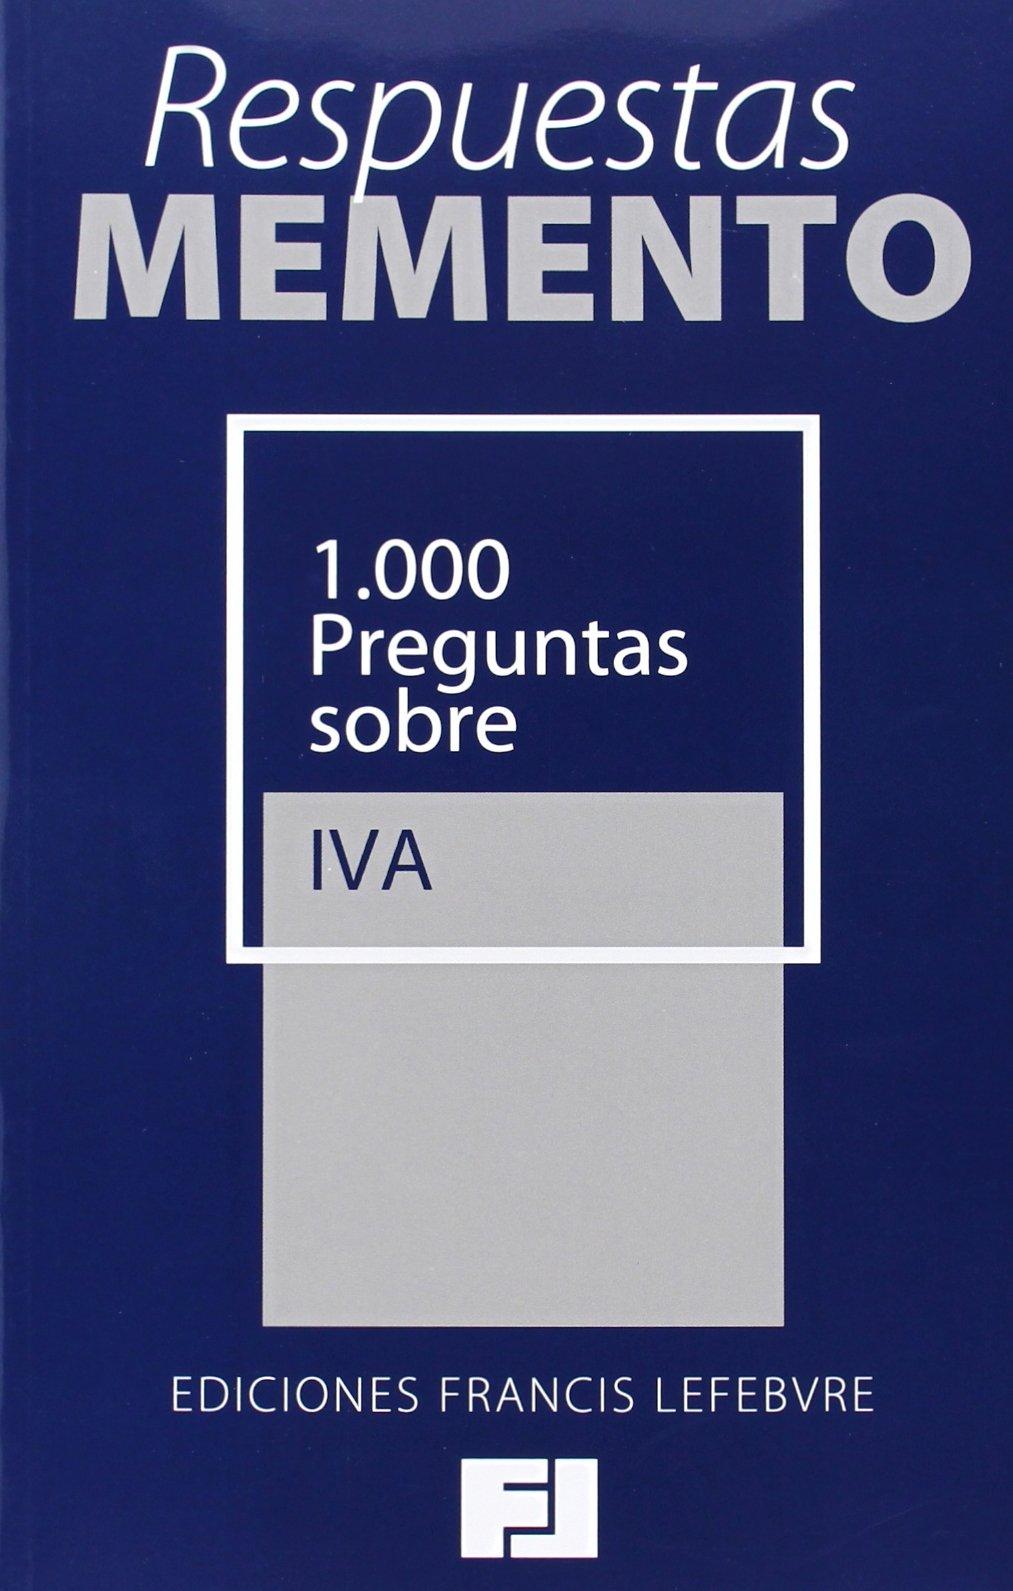 1.000 Preguntas sobre IVA: Amazon.es: Francis Lefebvre: Libros